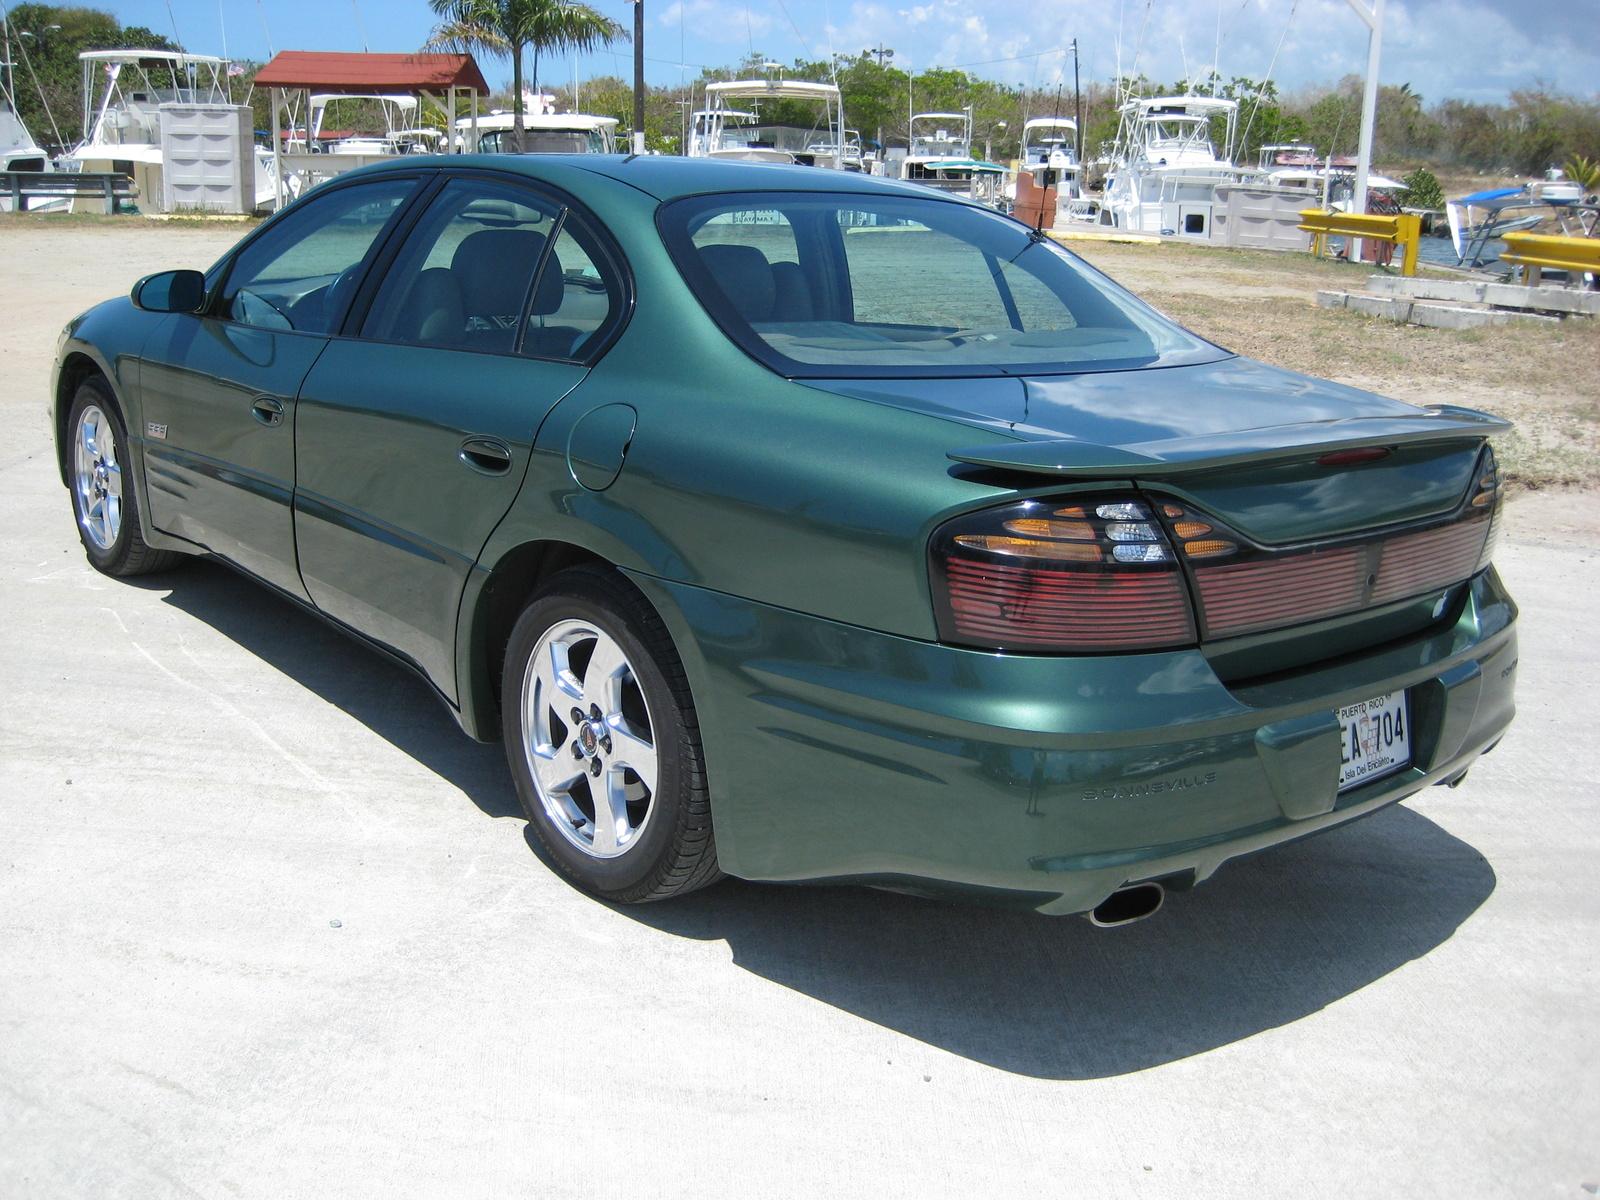 2000 pontiac bonneville ssei supercharged engine  2000